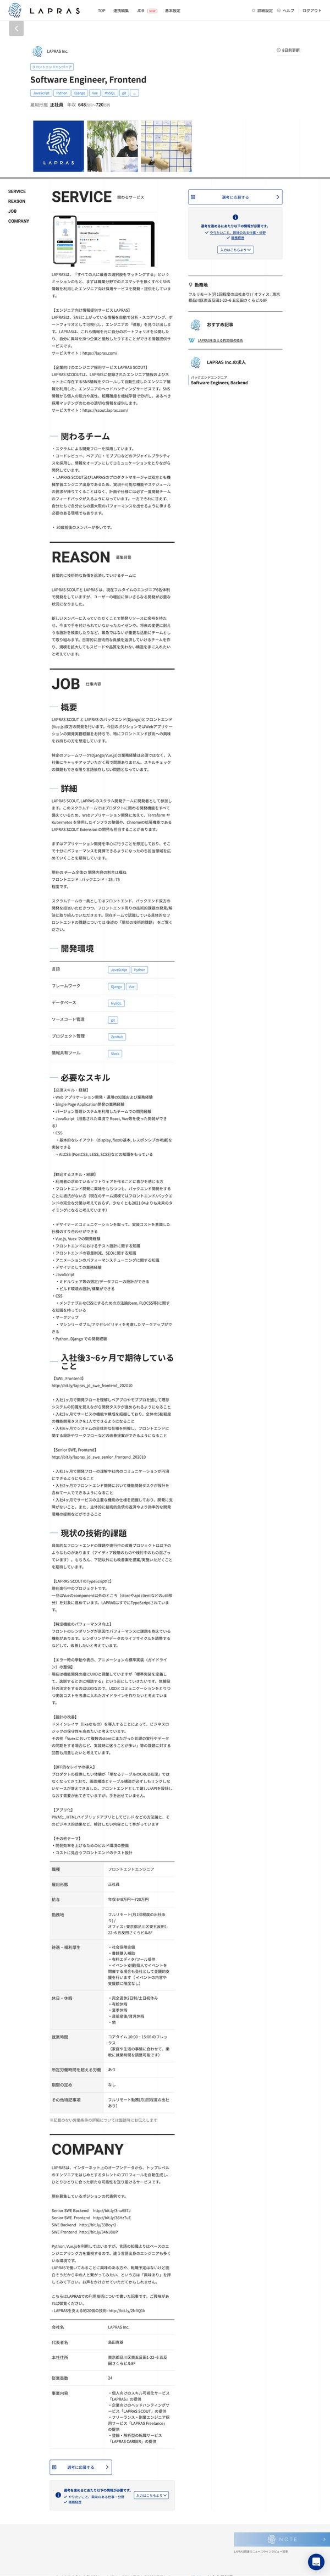 【JOBページ画面 LAPRASユーザー側】